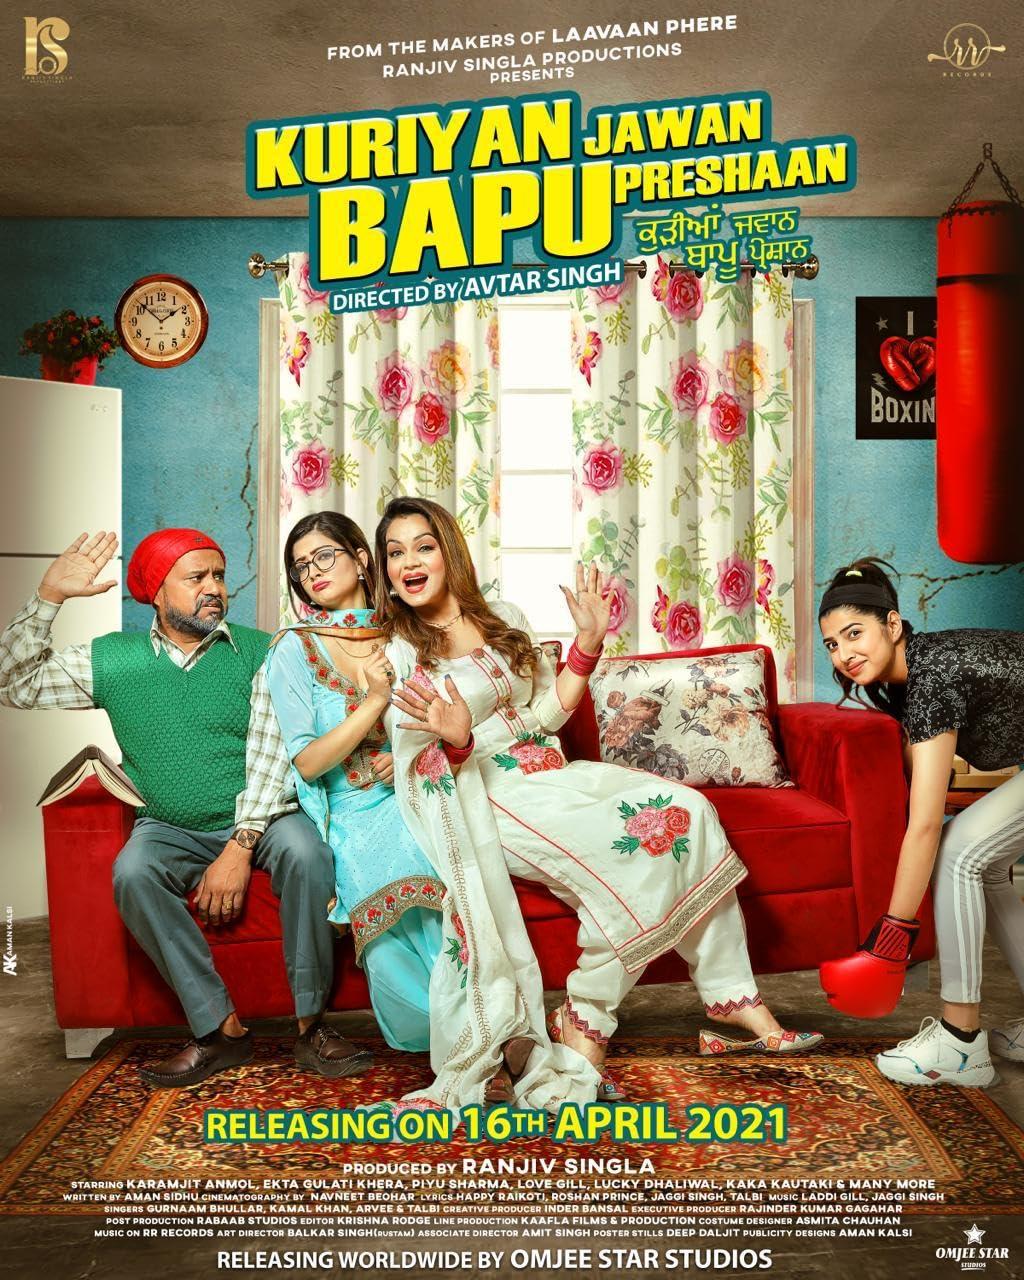 Kuriyan Jawan Bapu Preshaan 2021 Punjabi 720p HEVC HDRip x265 AAC ESubs Full Punjabi Movie [550MB]